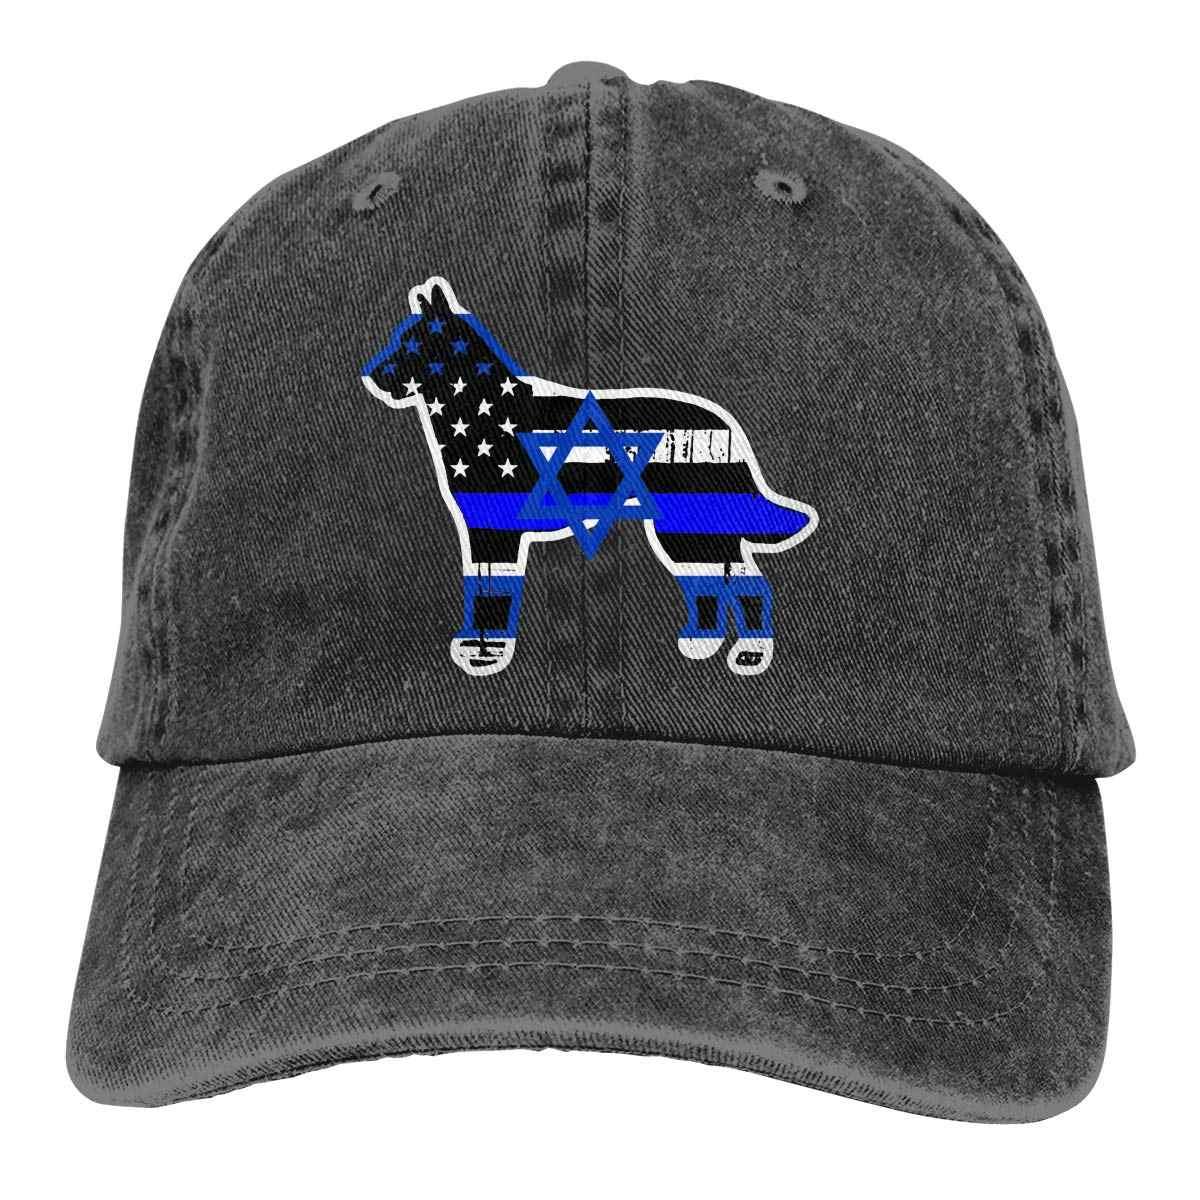 TSDFCIsrael דגל דק כחול קו משטרת גברים & נשים מתכוונן בייסבול כובעי חוט צבוע ג 'ינס היפ הופ